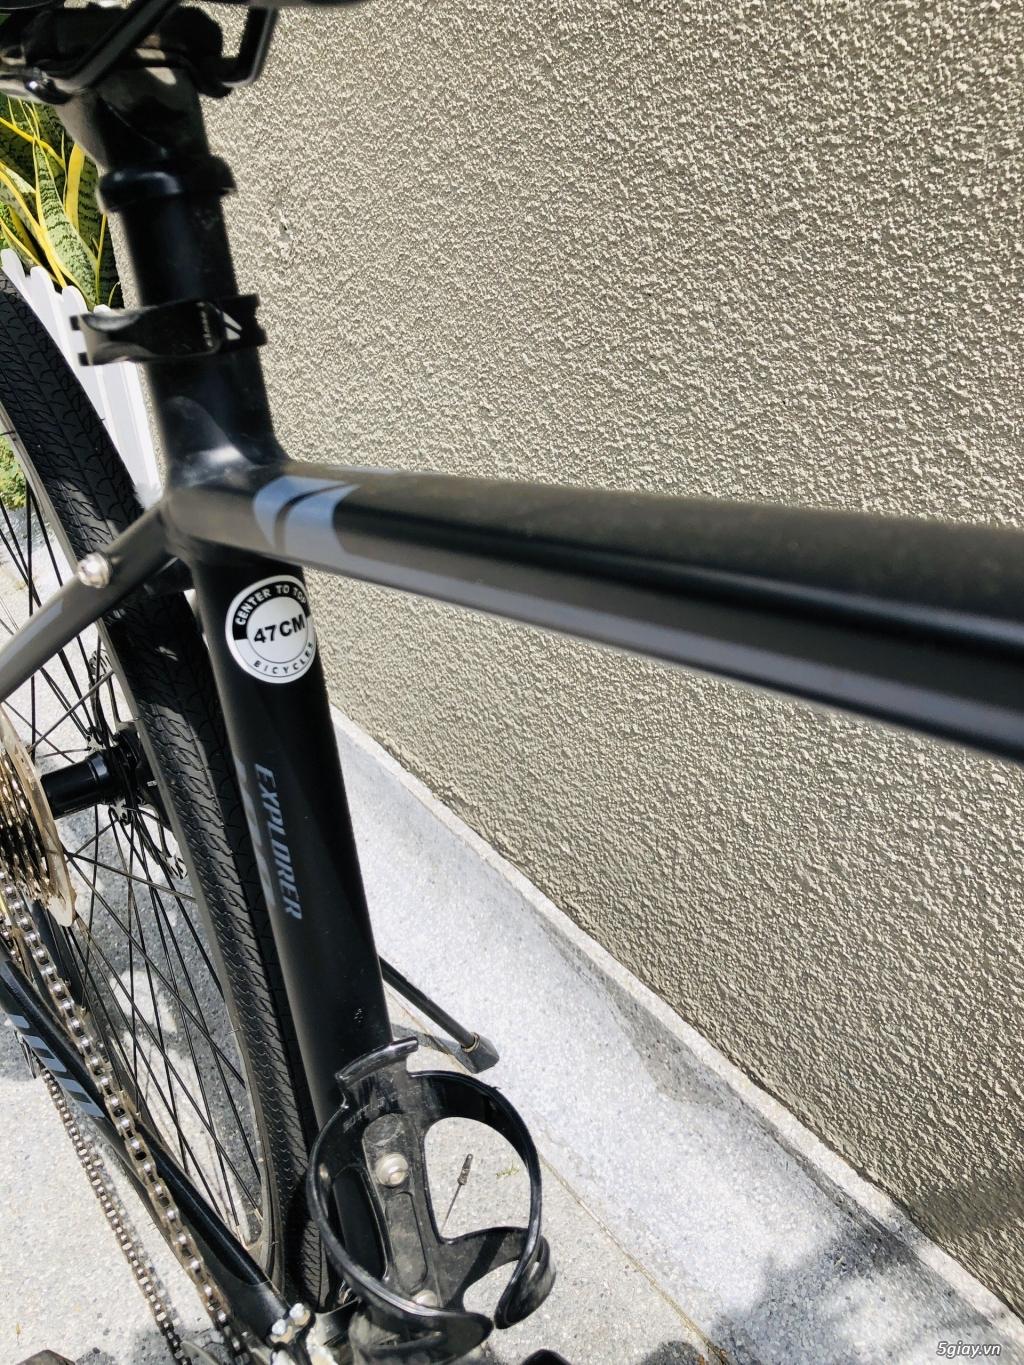 Cần bán: Xe đạp nội địa lướt giá rẻ - 2